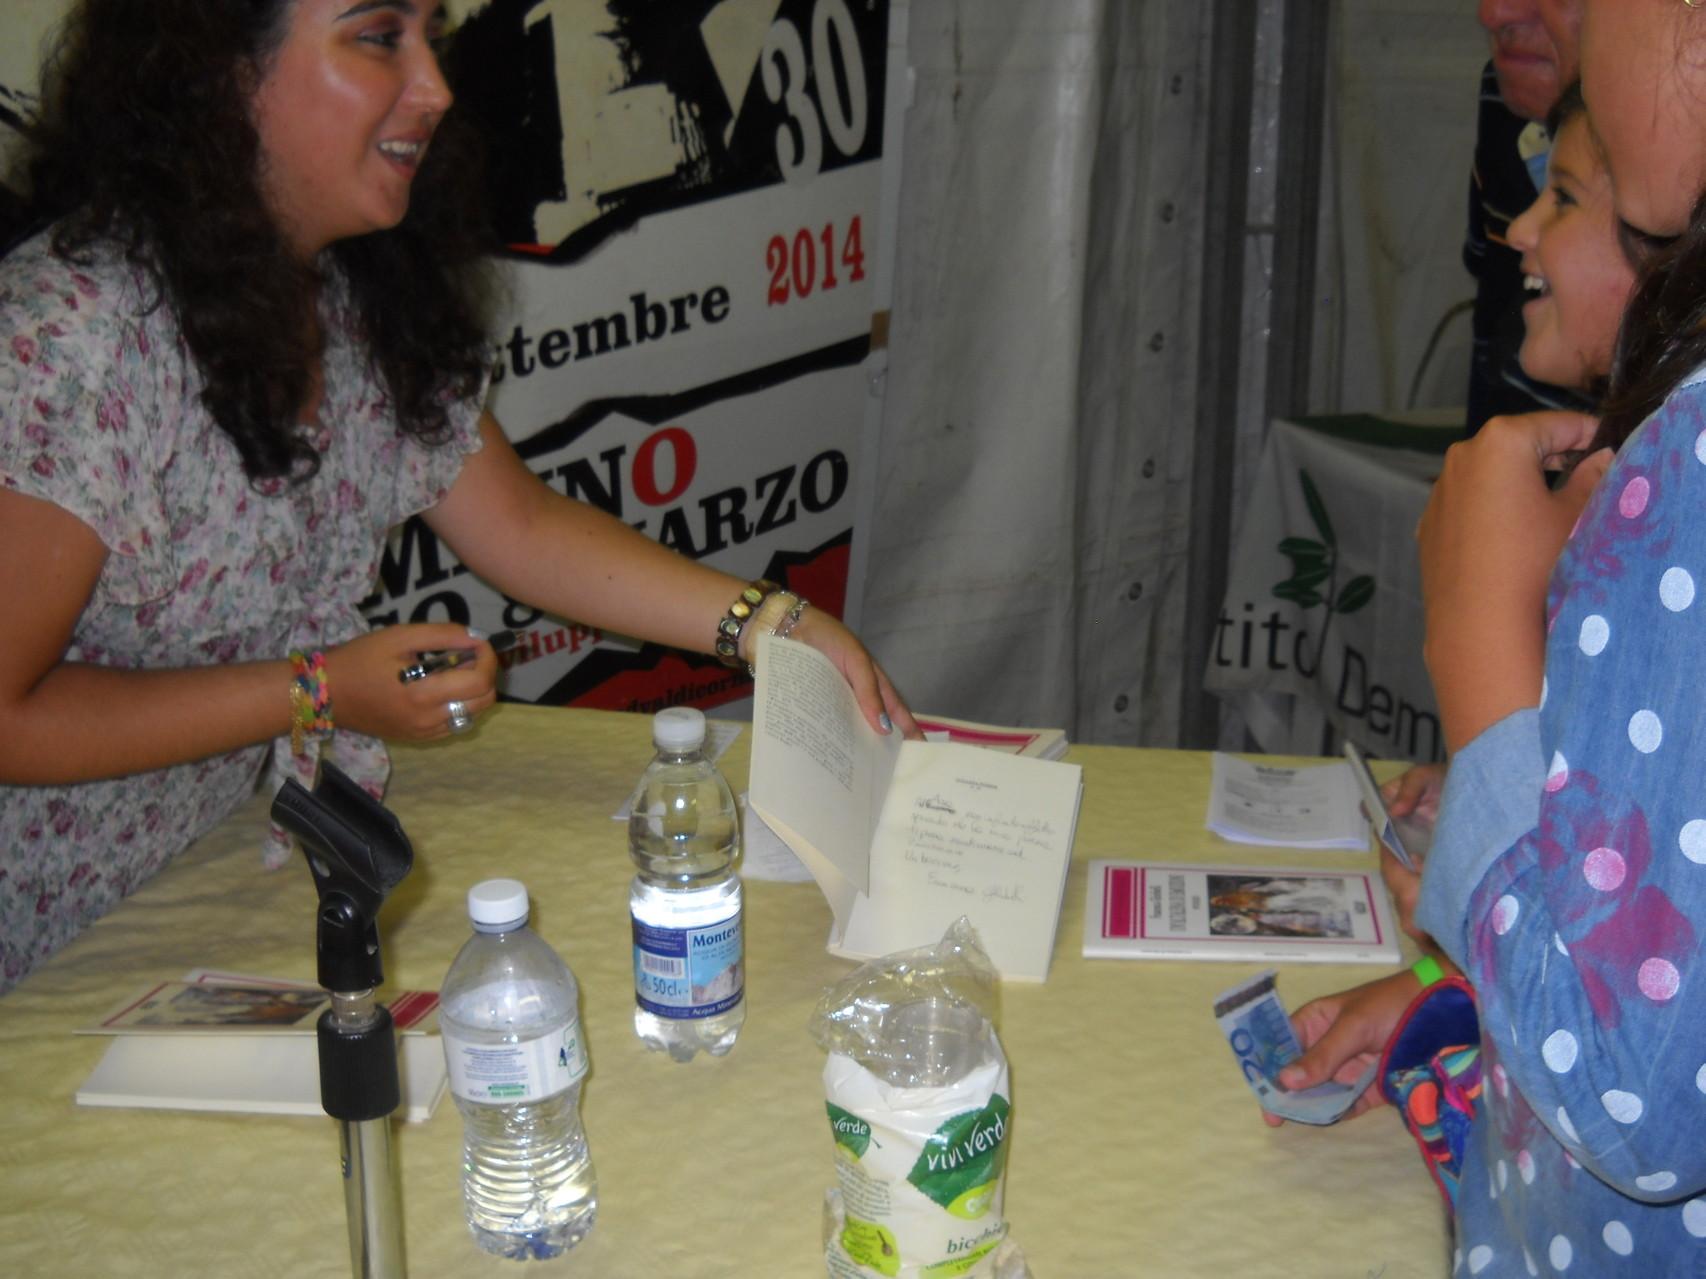 L'autrice firma le copie del suo libro alla fine della presentazione.